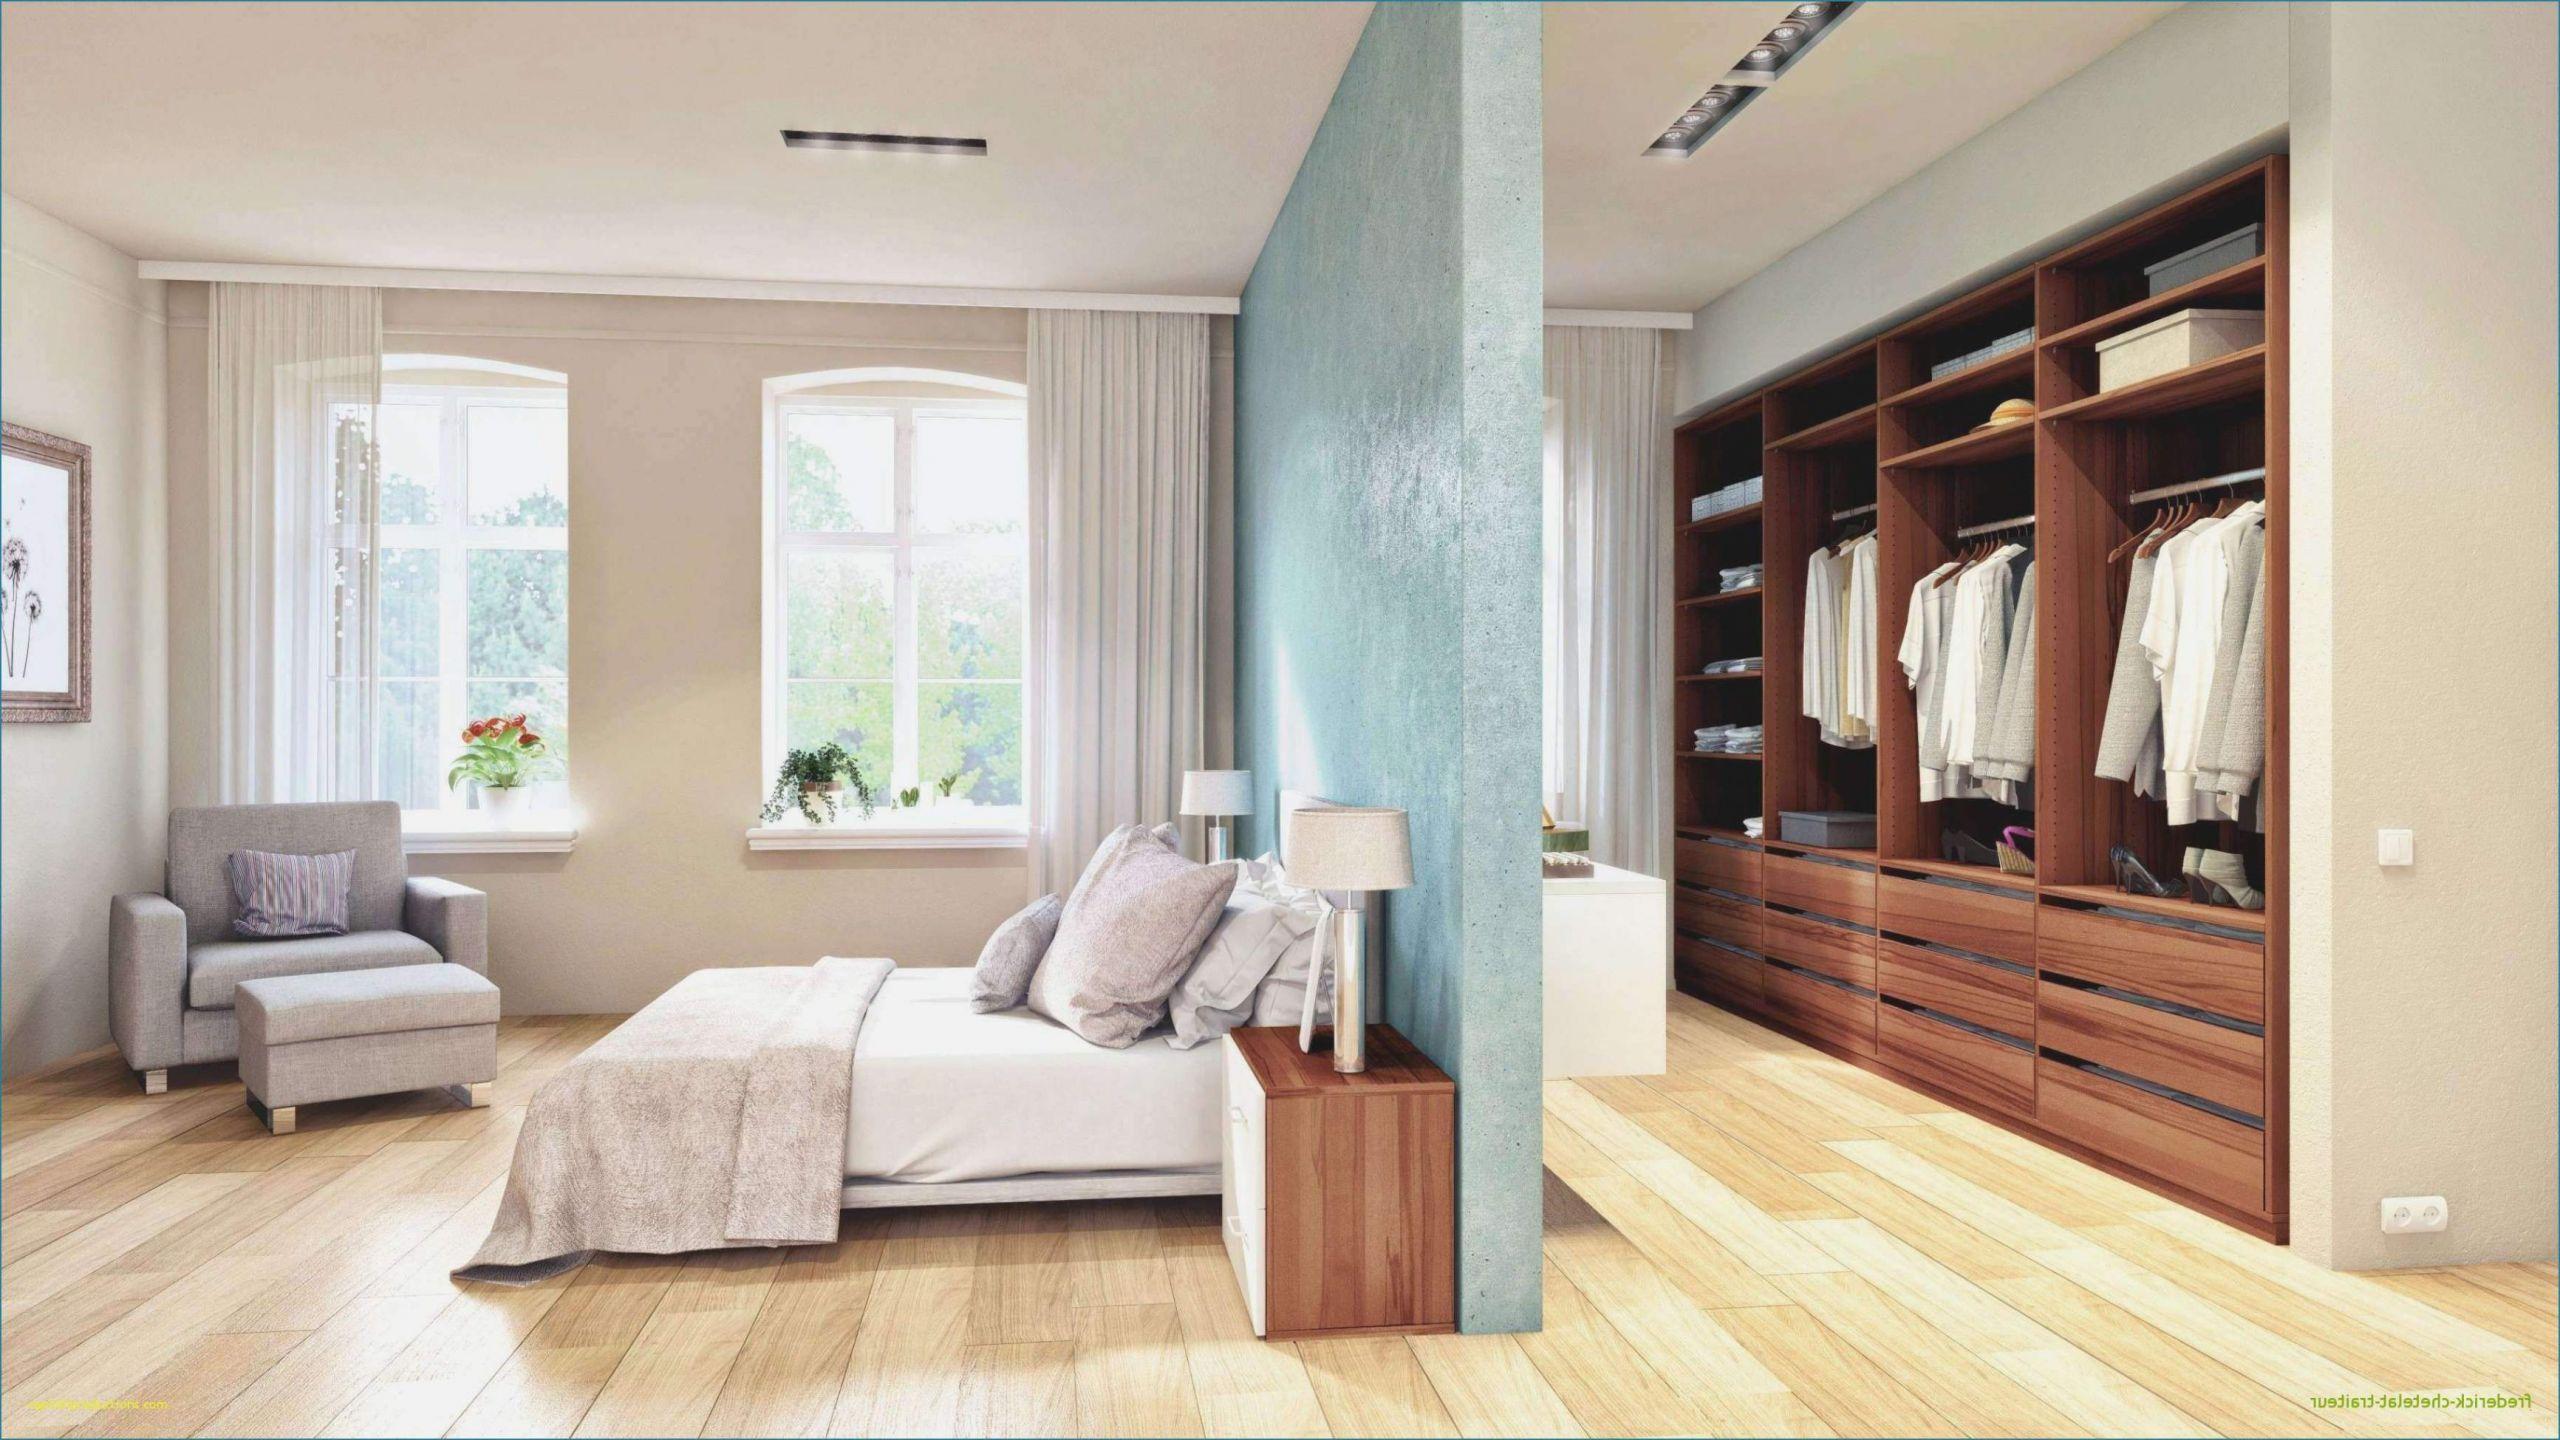 46 hervorragende bild fur schlafzimmer pflanzen fur wohnzimmer pflanzen fur wohnzimmer